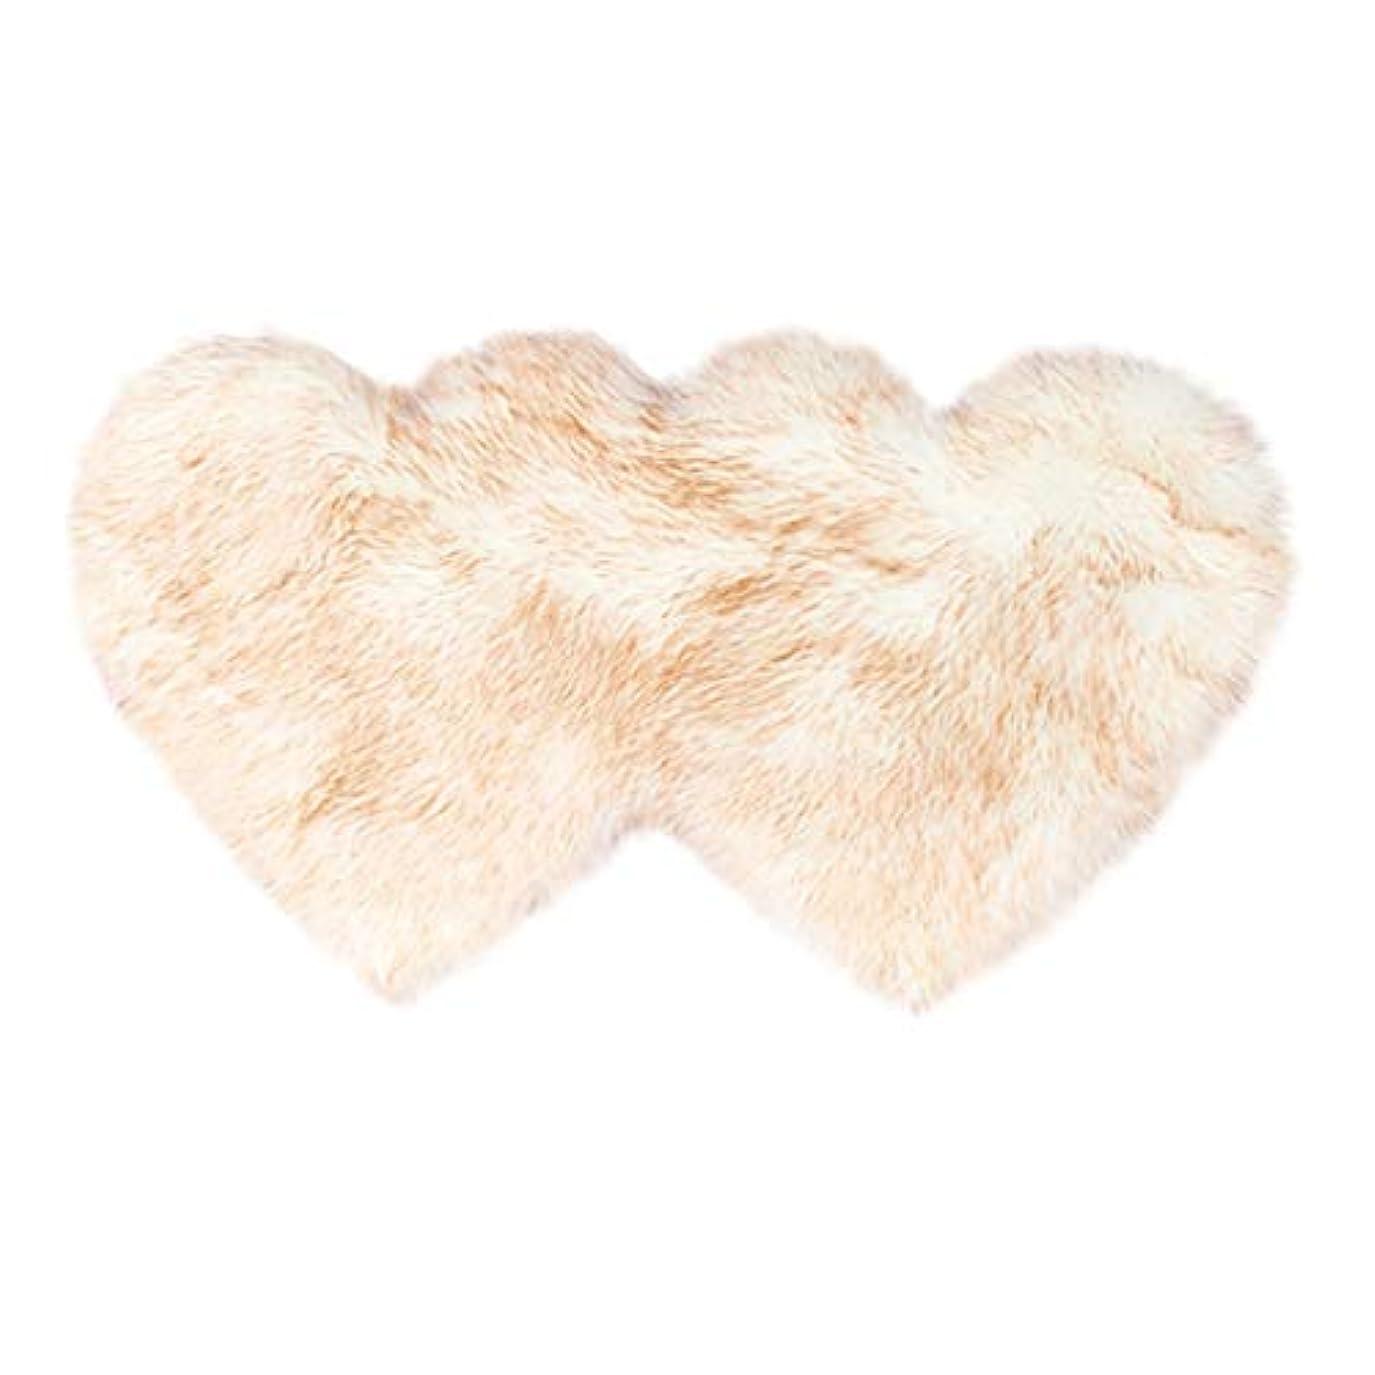 窓を洗うボット不快な愛の形の羊毛と羊の皮のじゅうたんと非滑り防止の寝室の毛茸のじゅうたんのマット